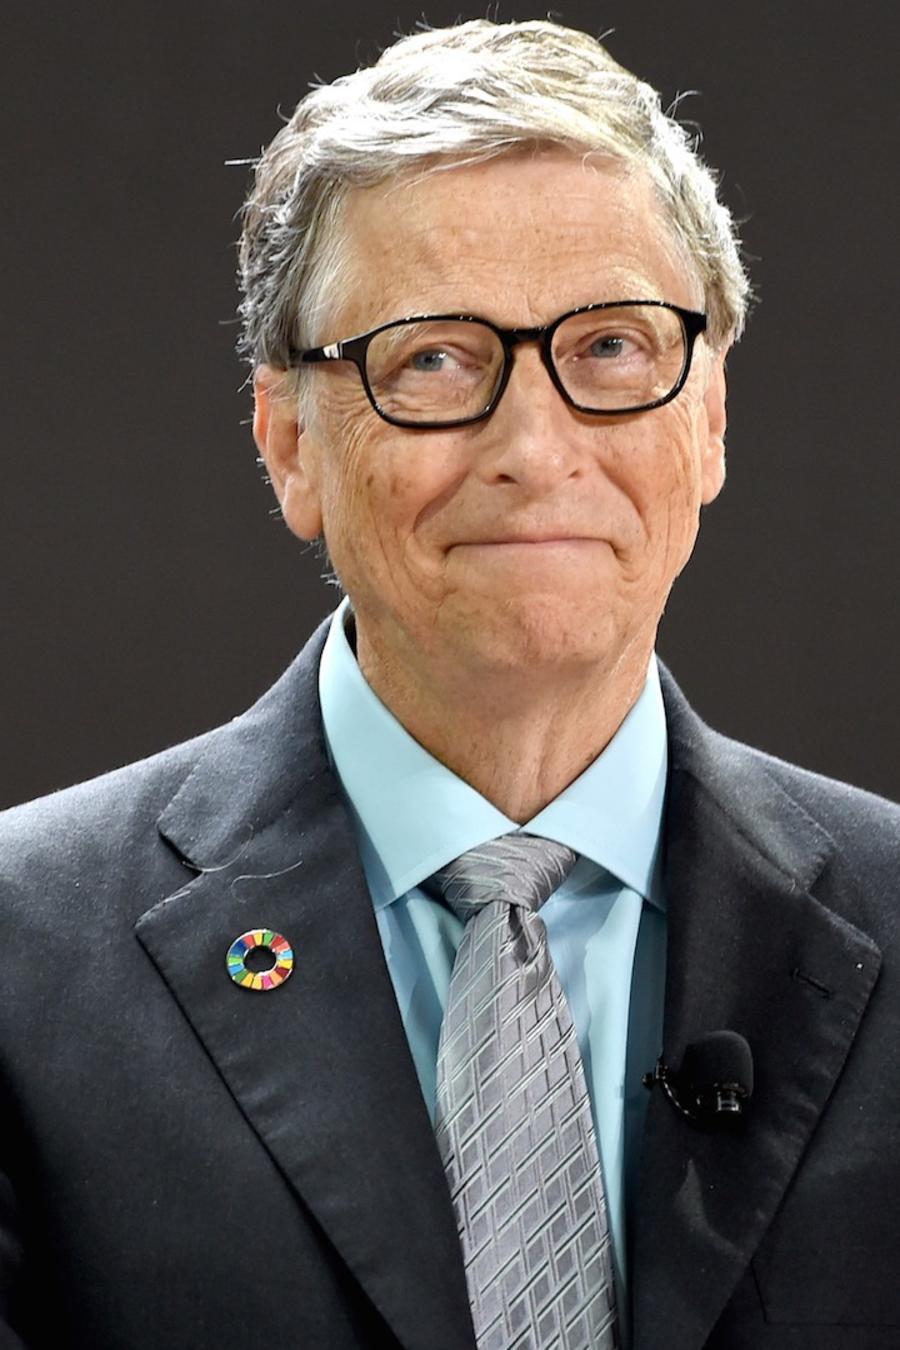 Bill Gates vistiendo un traje